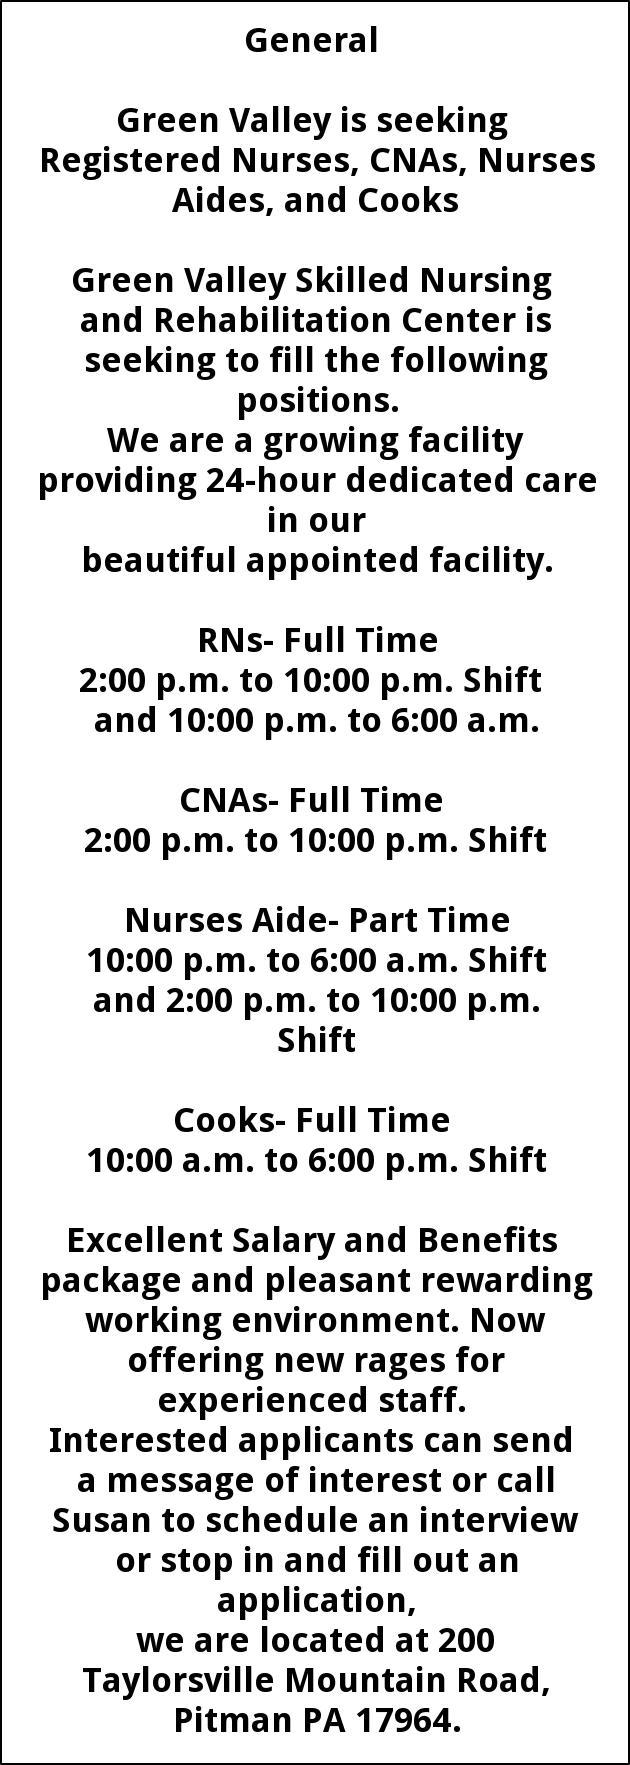 Registered Nurses, CNAs, Nurses Aides and Cooks